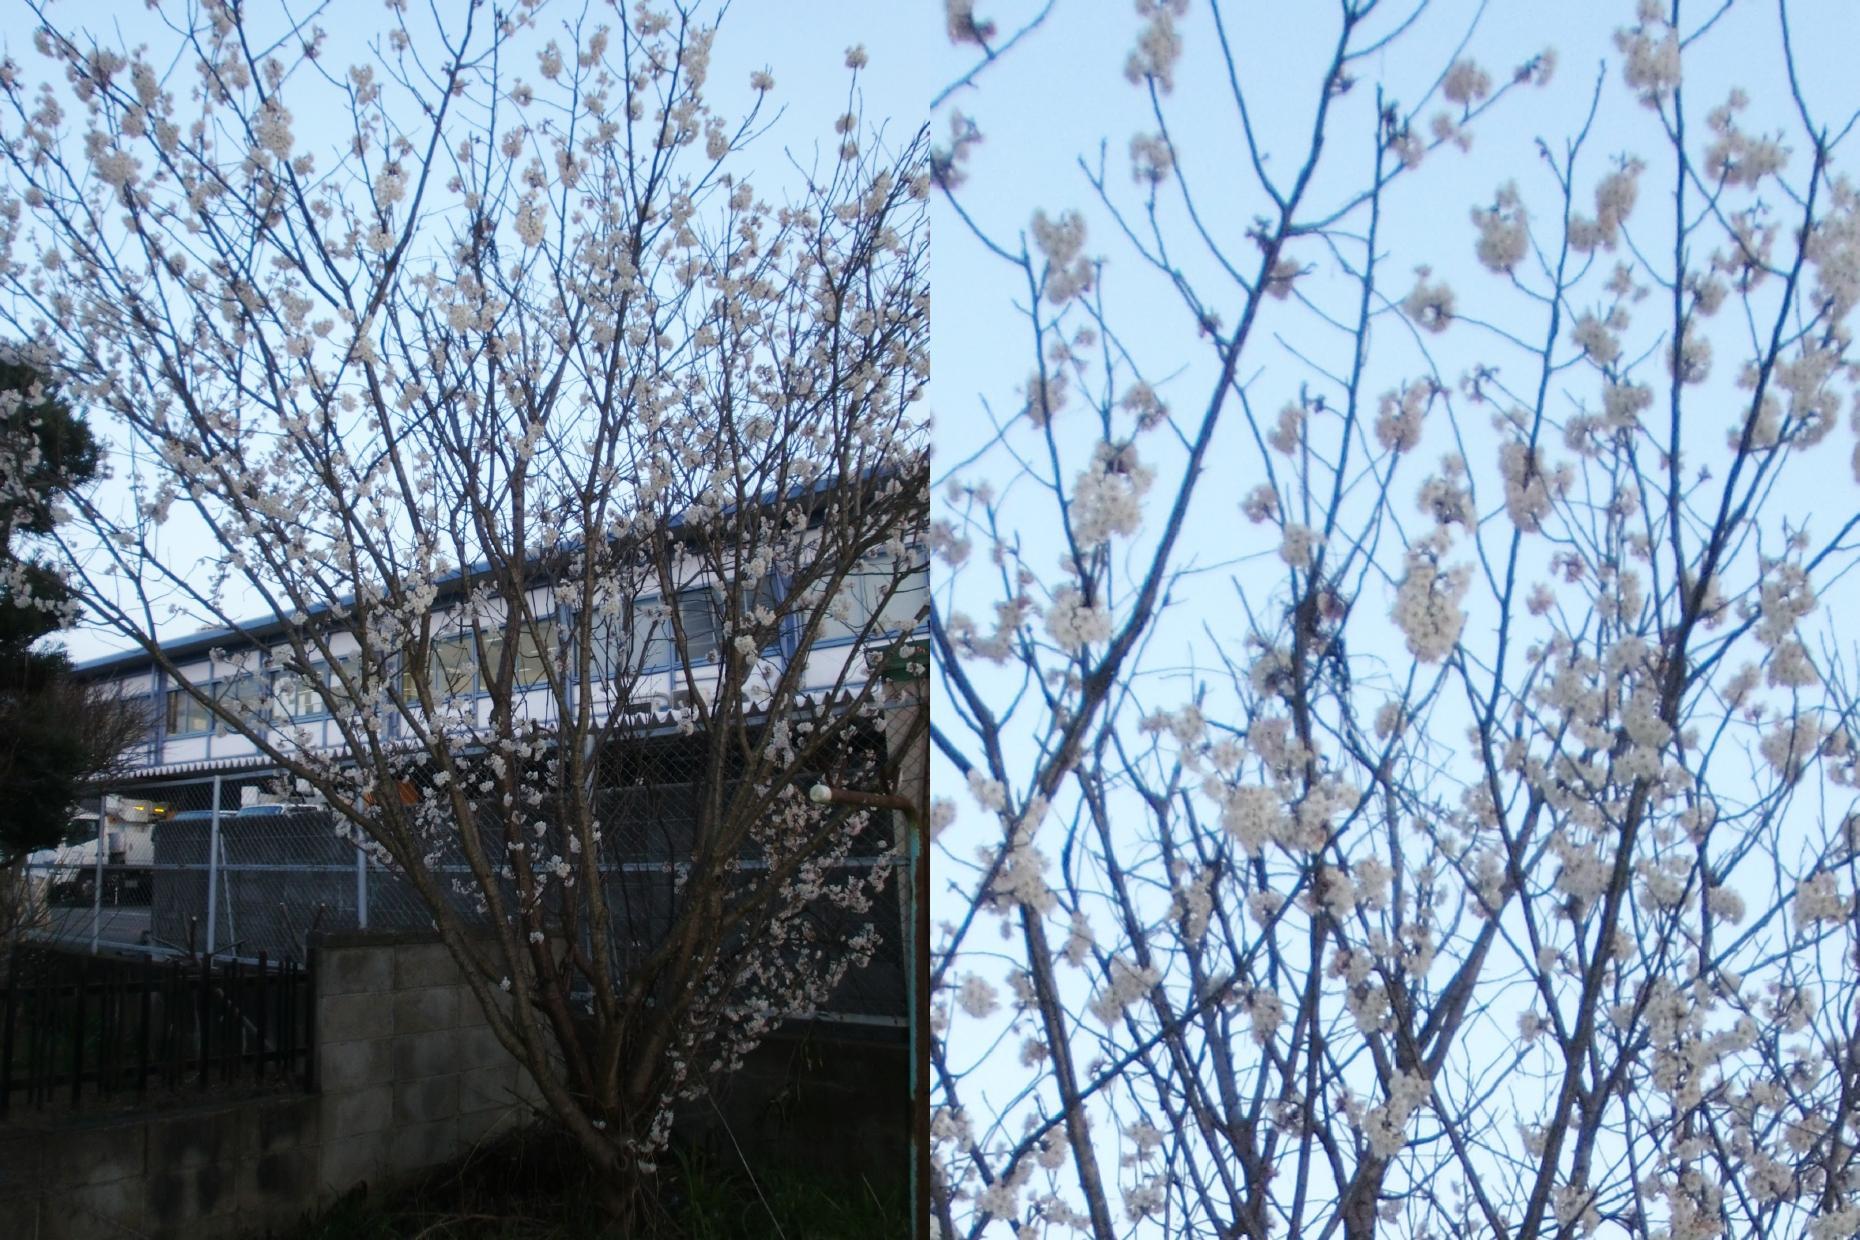 雨戸を閉めようとしたら桜が咲いていました♪(私もどうにか再スタートし、地球温暖化対策に再び貢献したいと思います!)